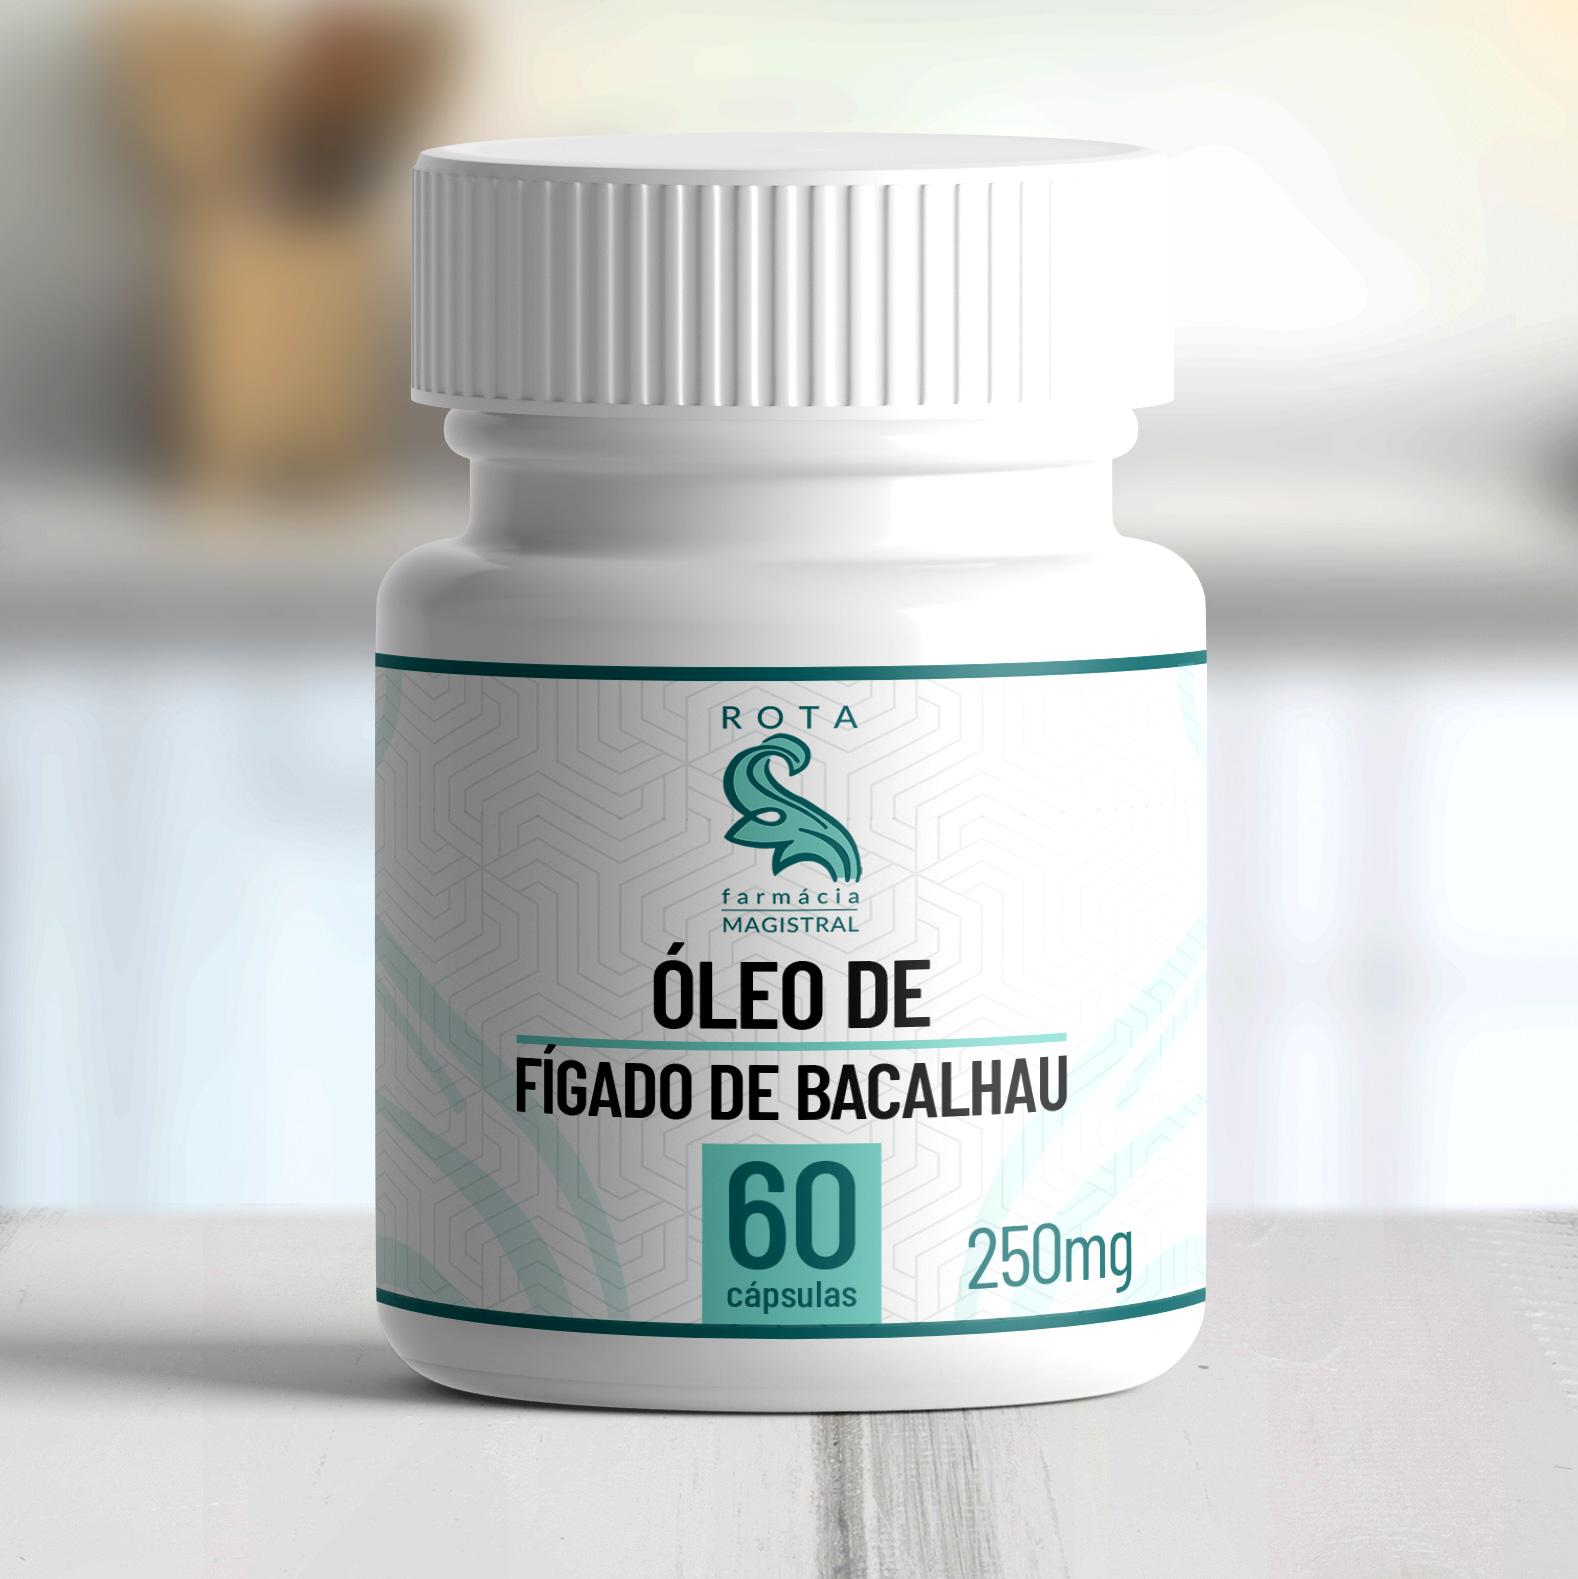 Óleo de Fígado de Bacalhau 250mg 60 cápsulas